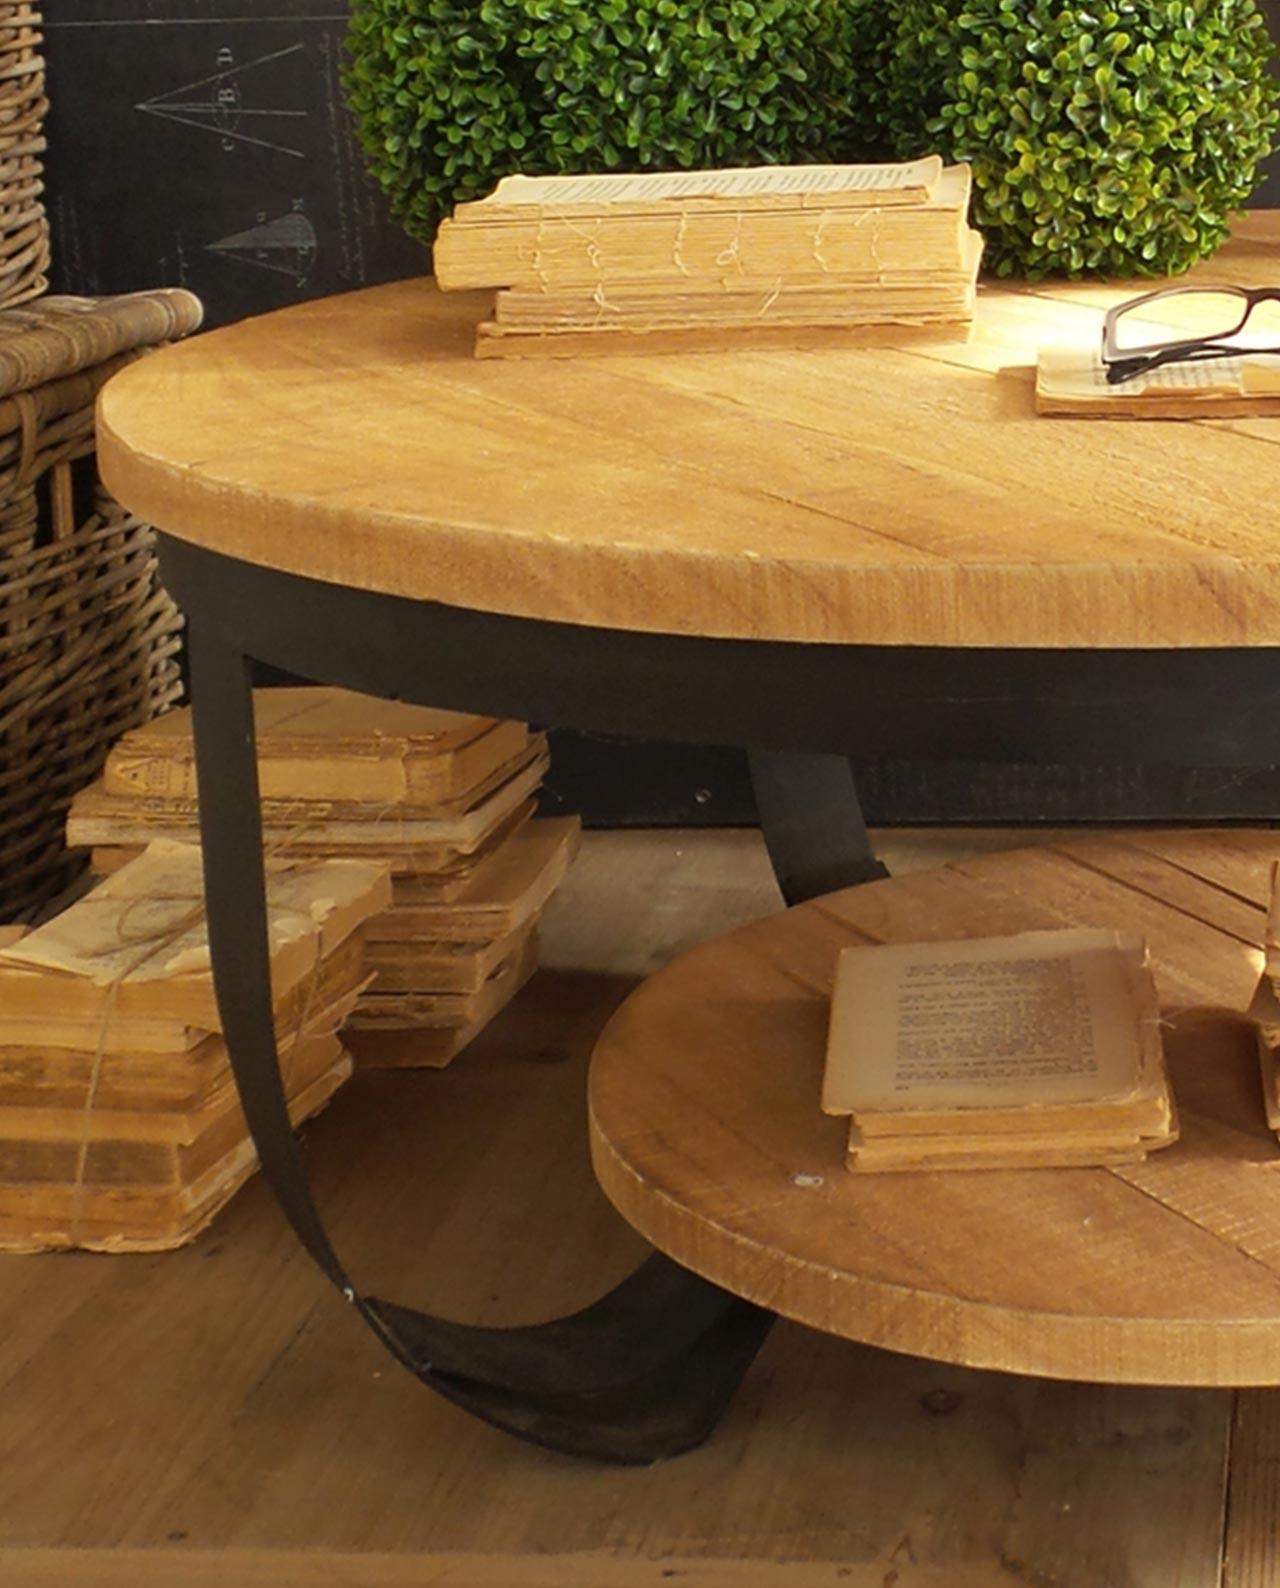 Tavolo basso tondo doppio ripiano legno naturale e ferro mobilia store home favours - Tavolo legno e ferro ...